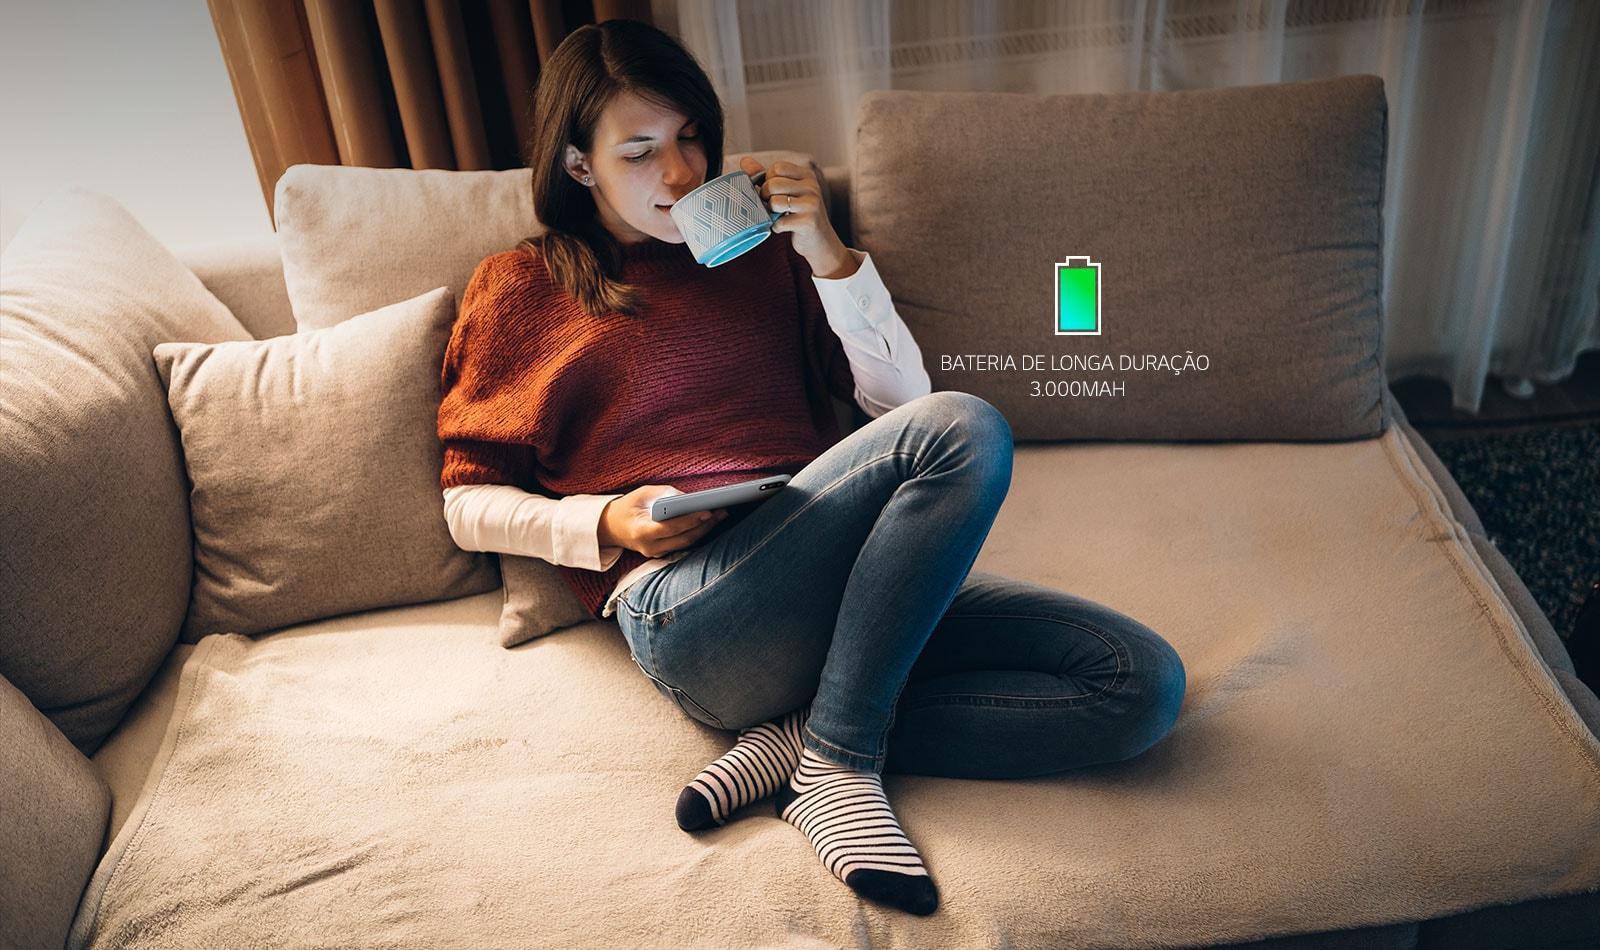 Mulher sentada em um sofá, tomando café e olhando o seu smartphone